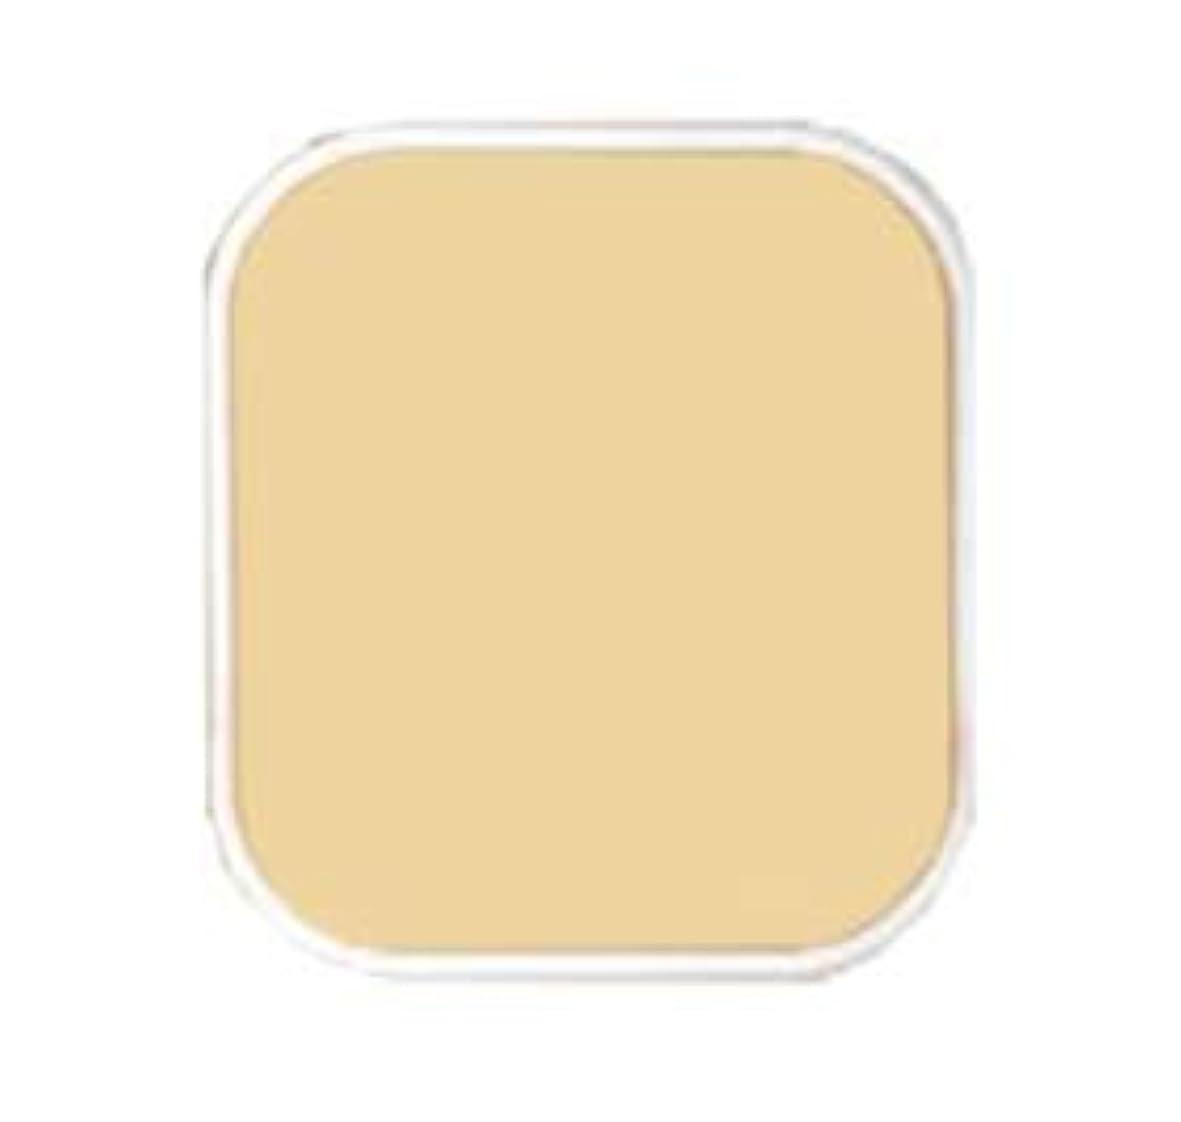 志すブラシ下着アクセーヌ クリーミィファンデーションPV(リフィル)<O10明るいオークル系>※ケース別売り(11g)